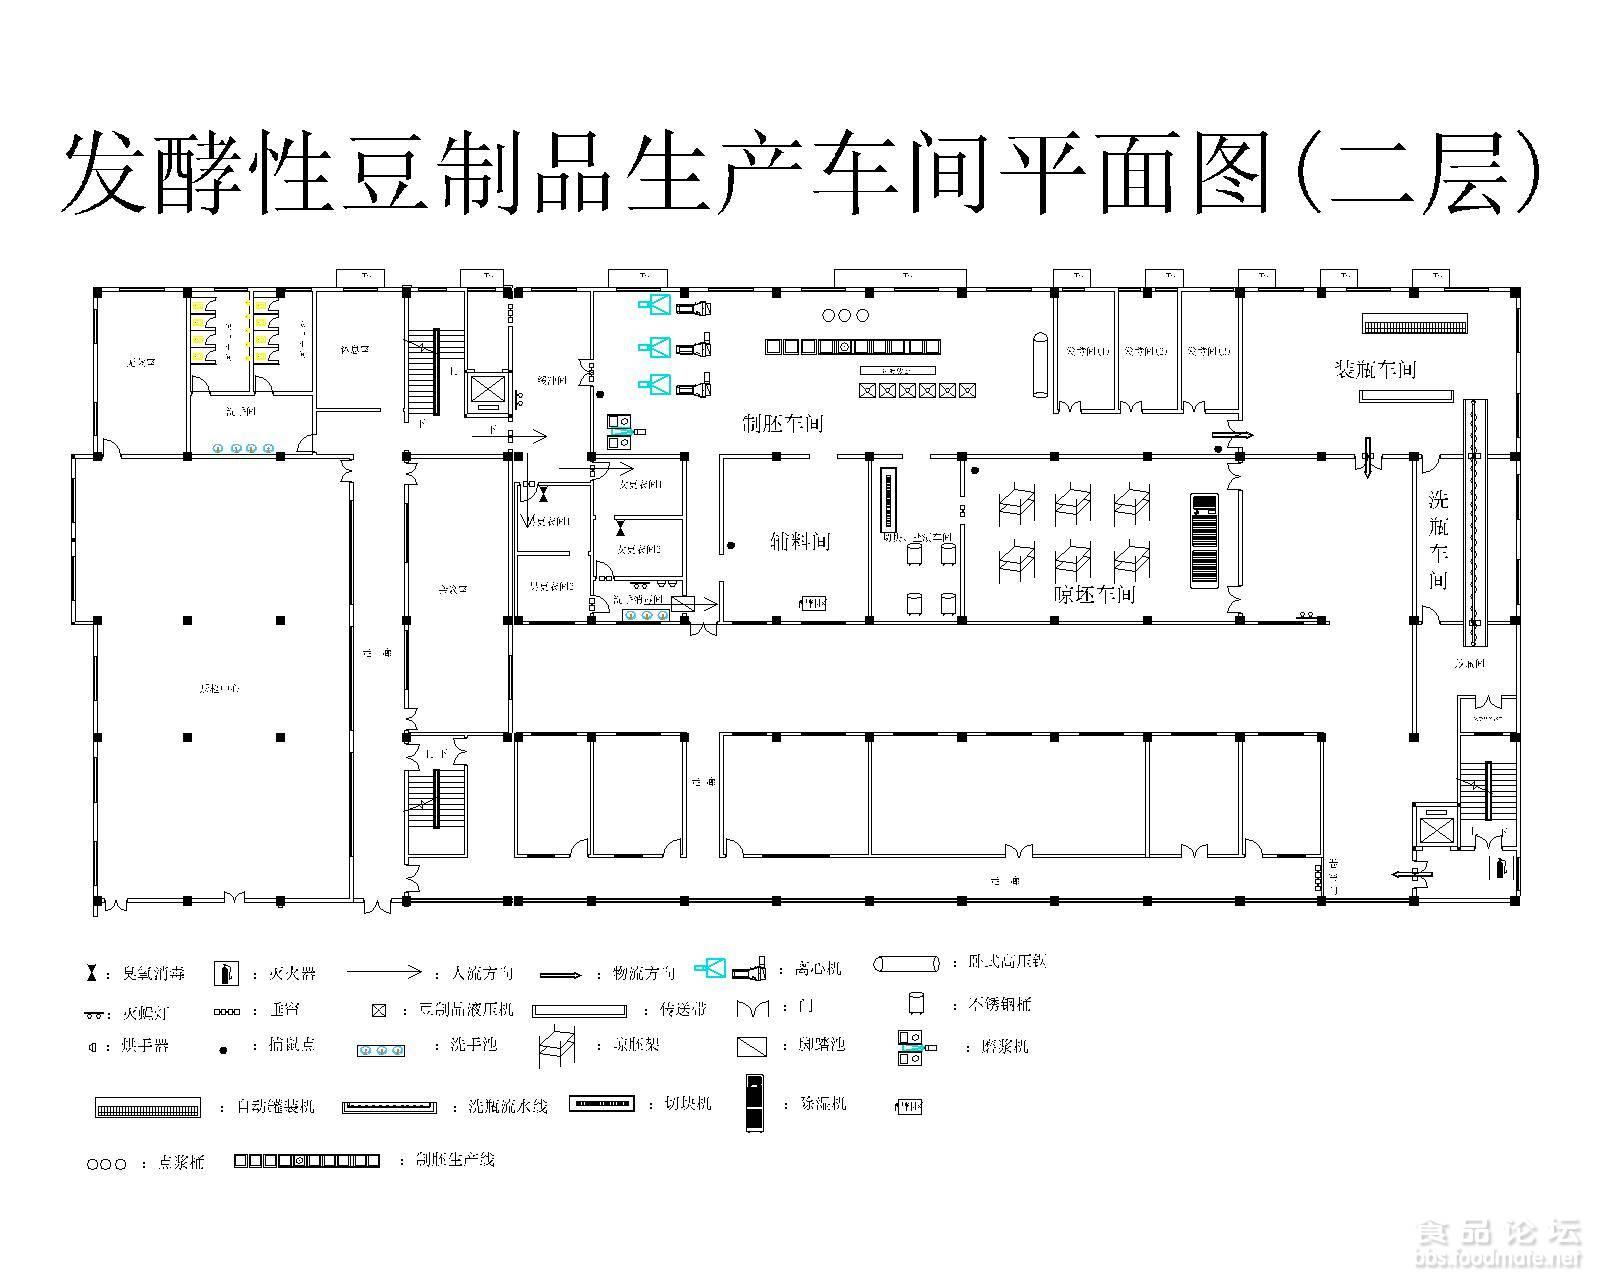 食品生产技术 69 哪位有豆制品生产车间平面设计图